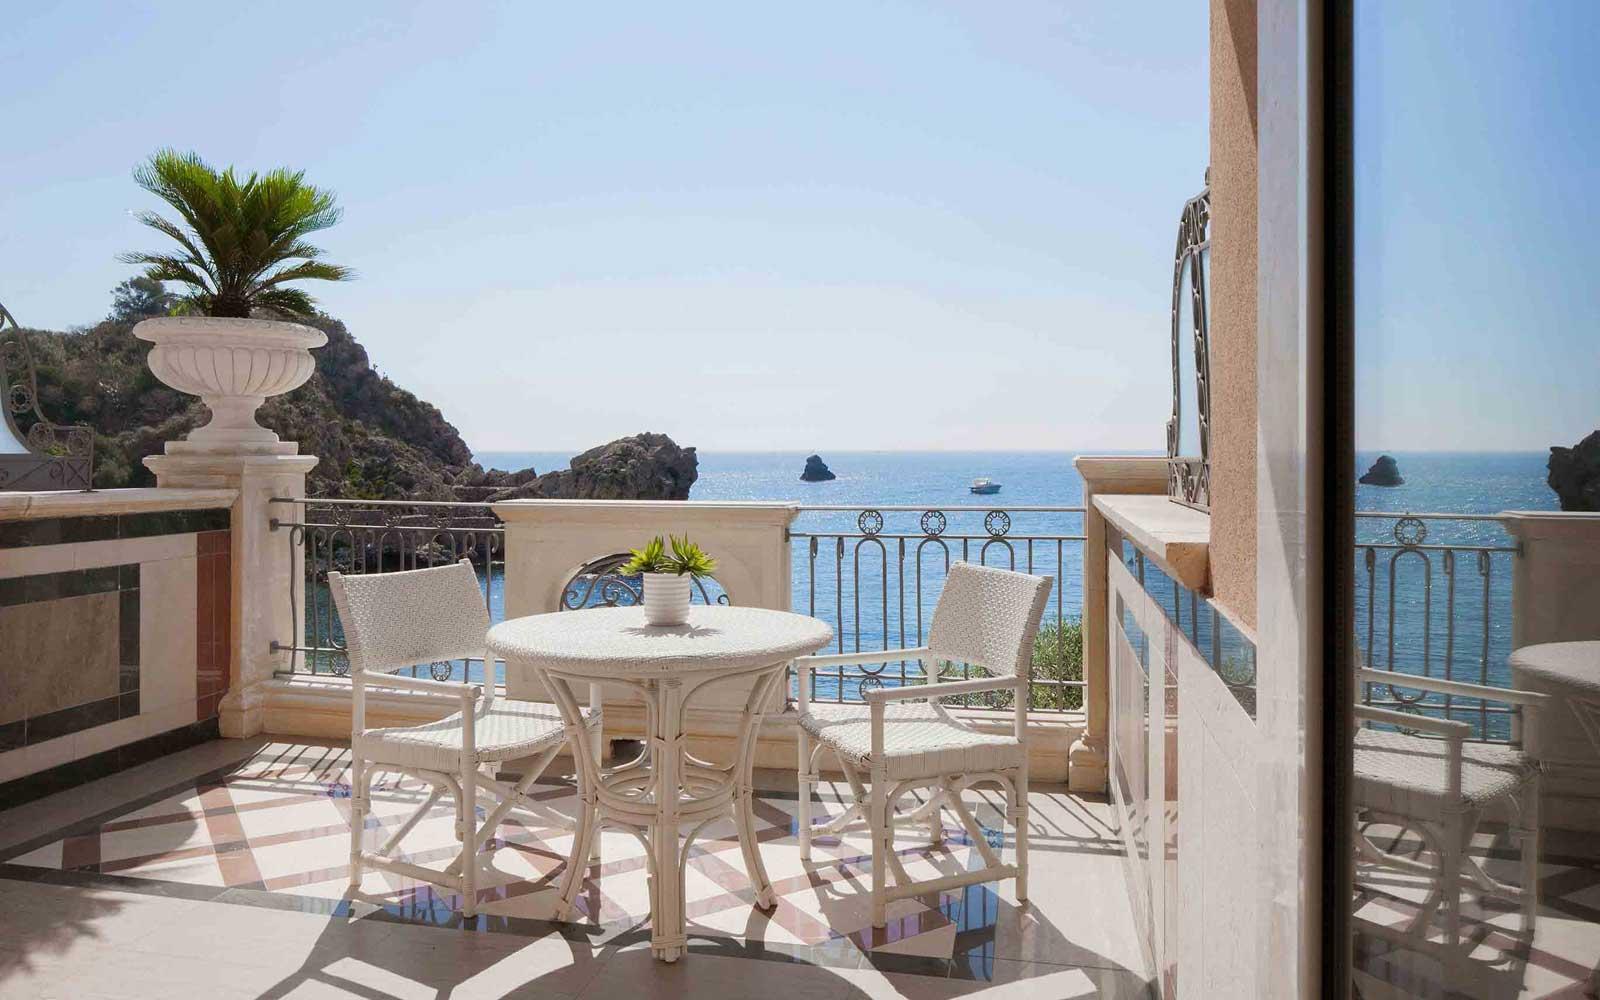 Classic Sea View Room Balcony at Grand Hotel Mazzaro Sea Palace